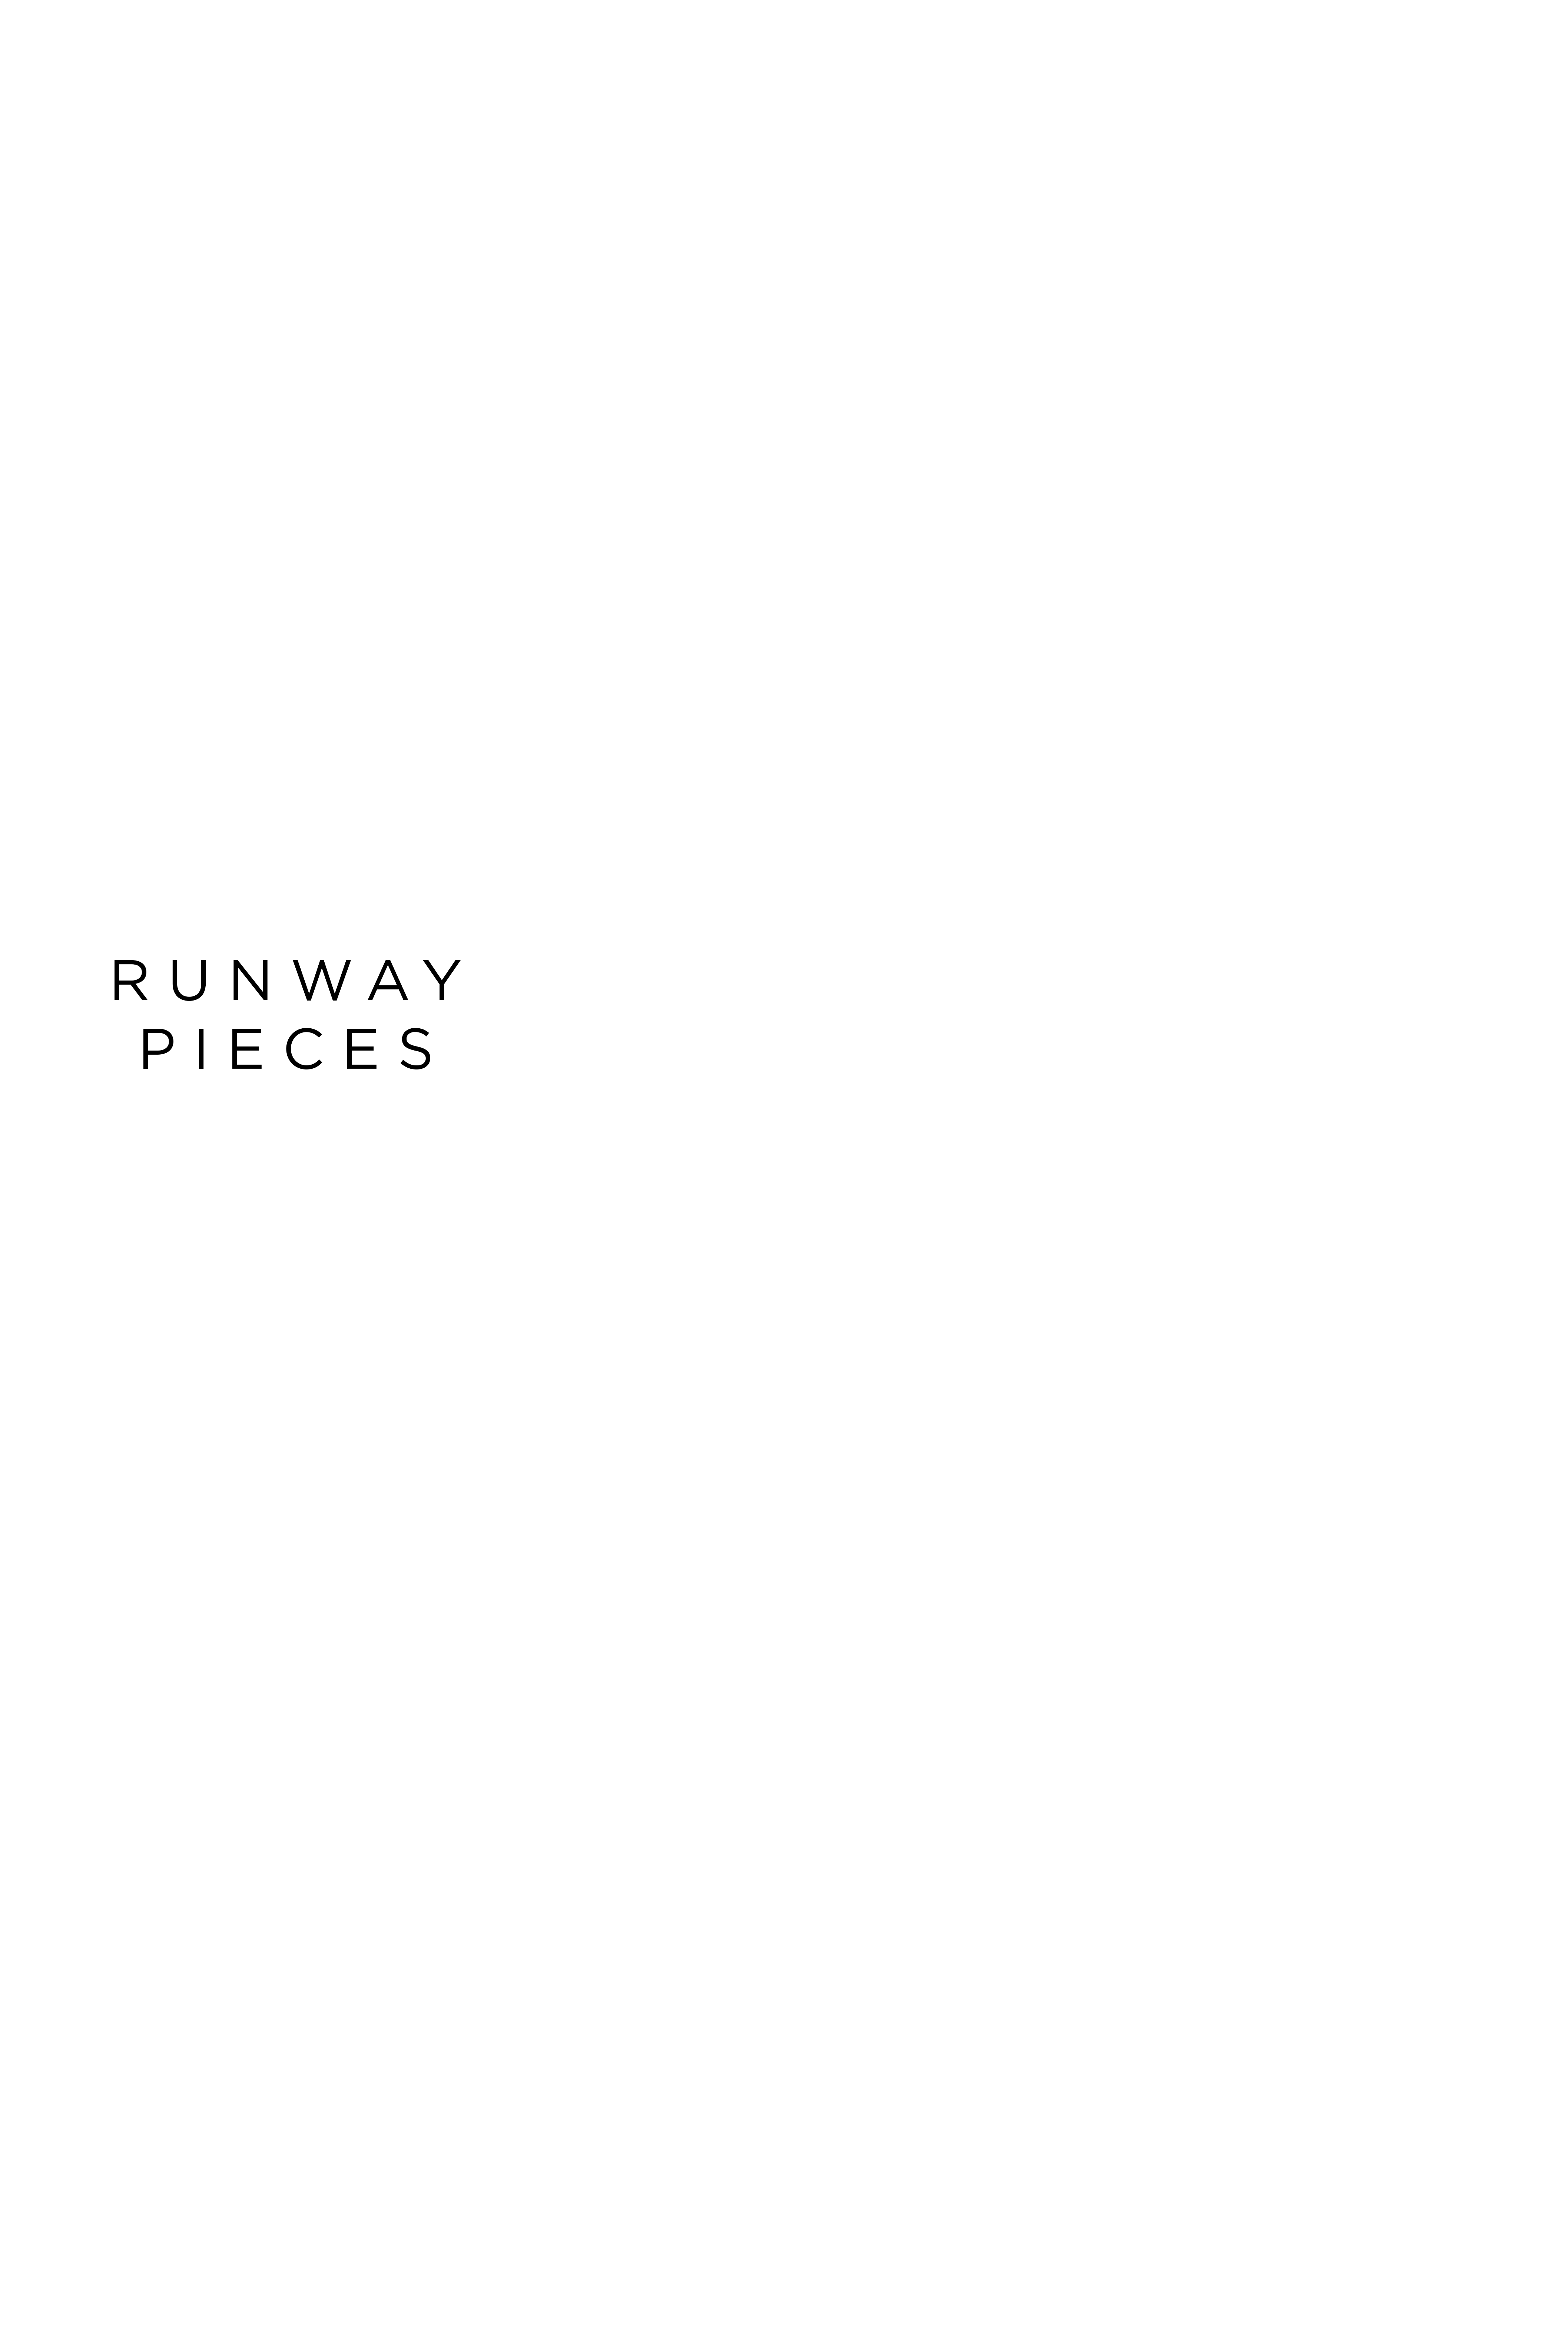 Runwaypieces